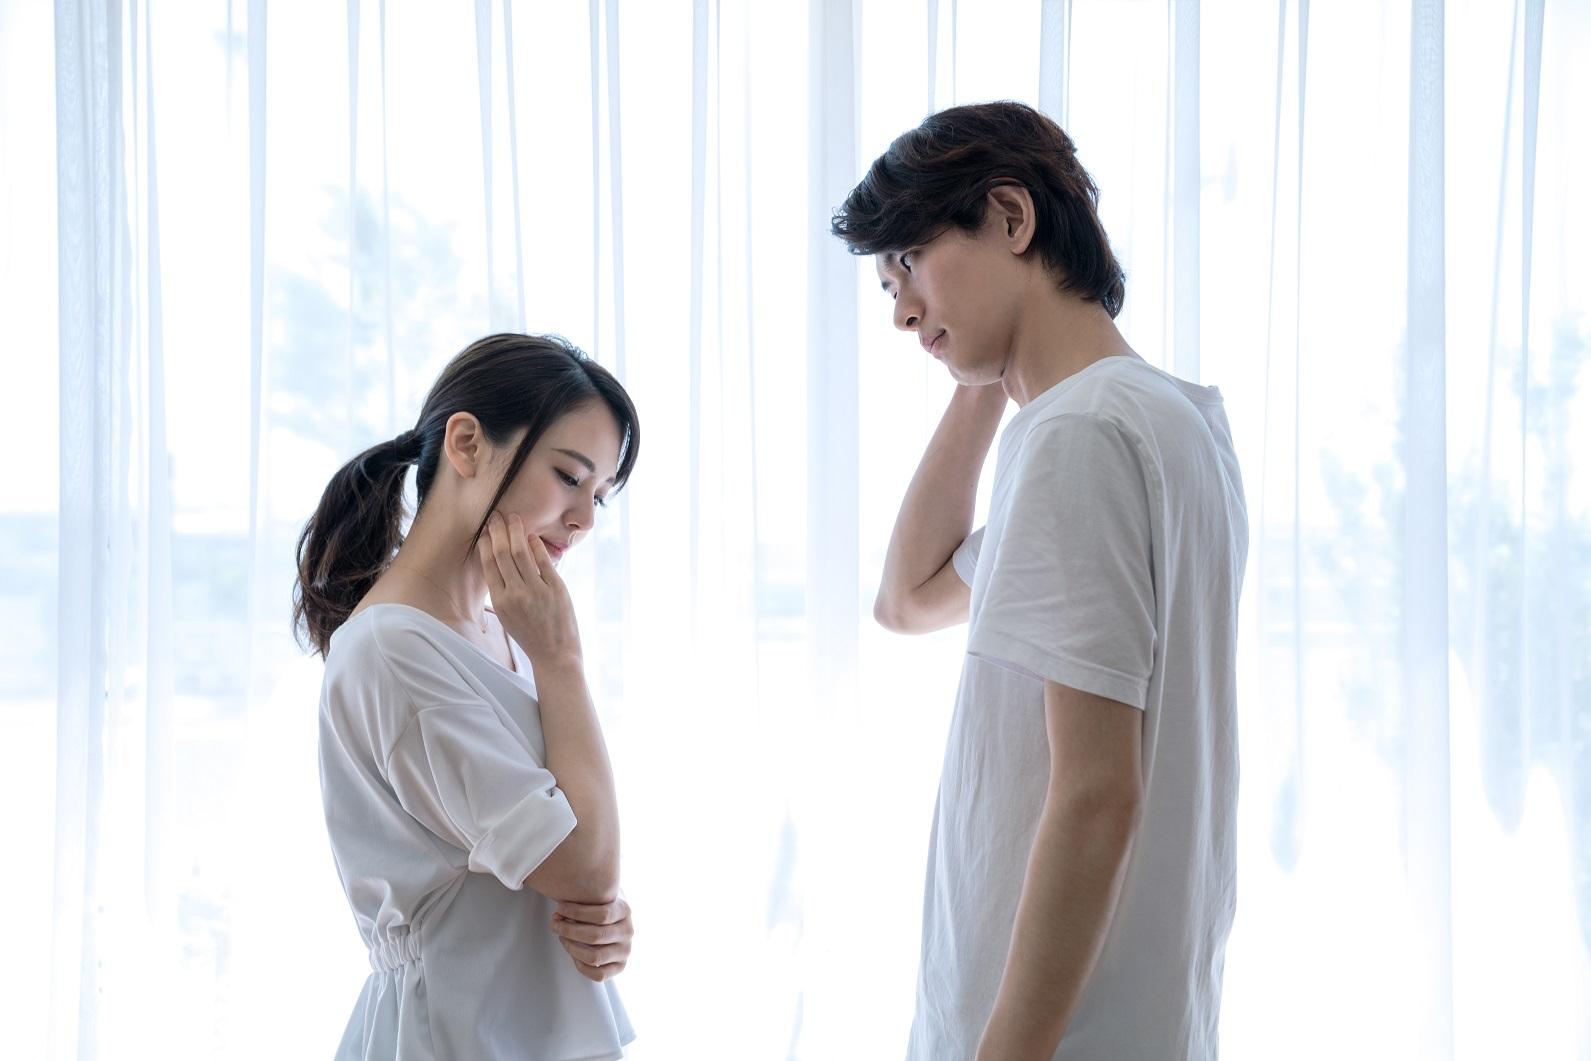 別れる べき か 彼氏と別れるべきか迷っている決断する前に考えた方がいいことは?